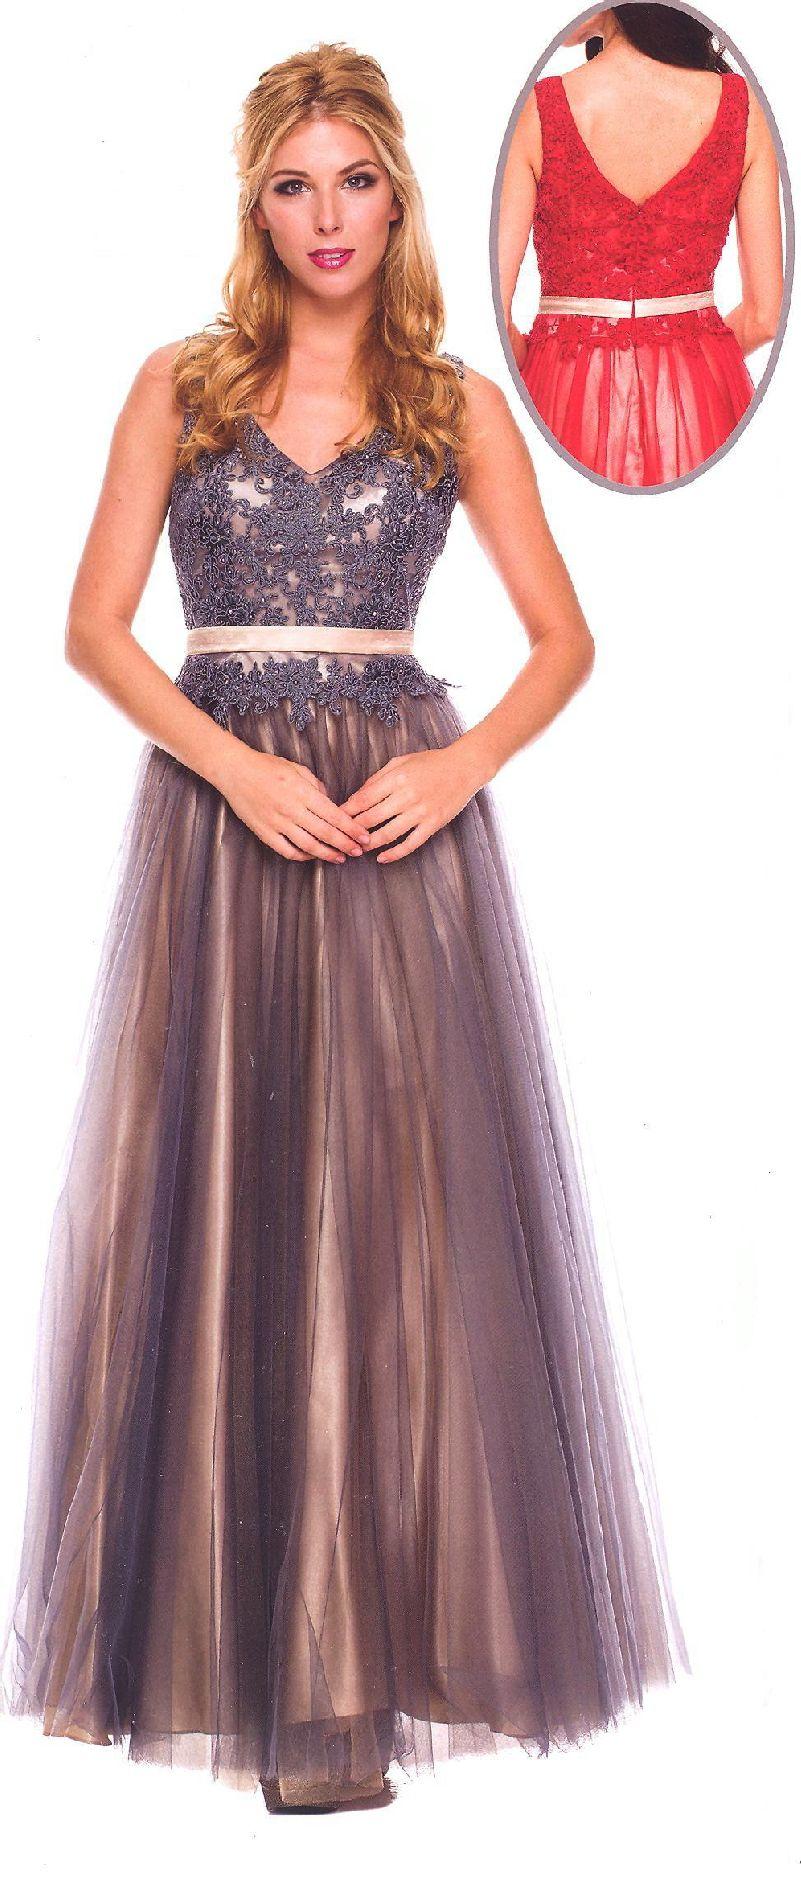 Evening dresses formal wear dressesucbrueucbruedouble v neckline lace